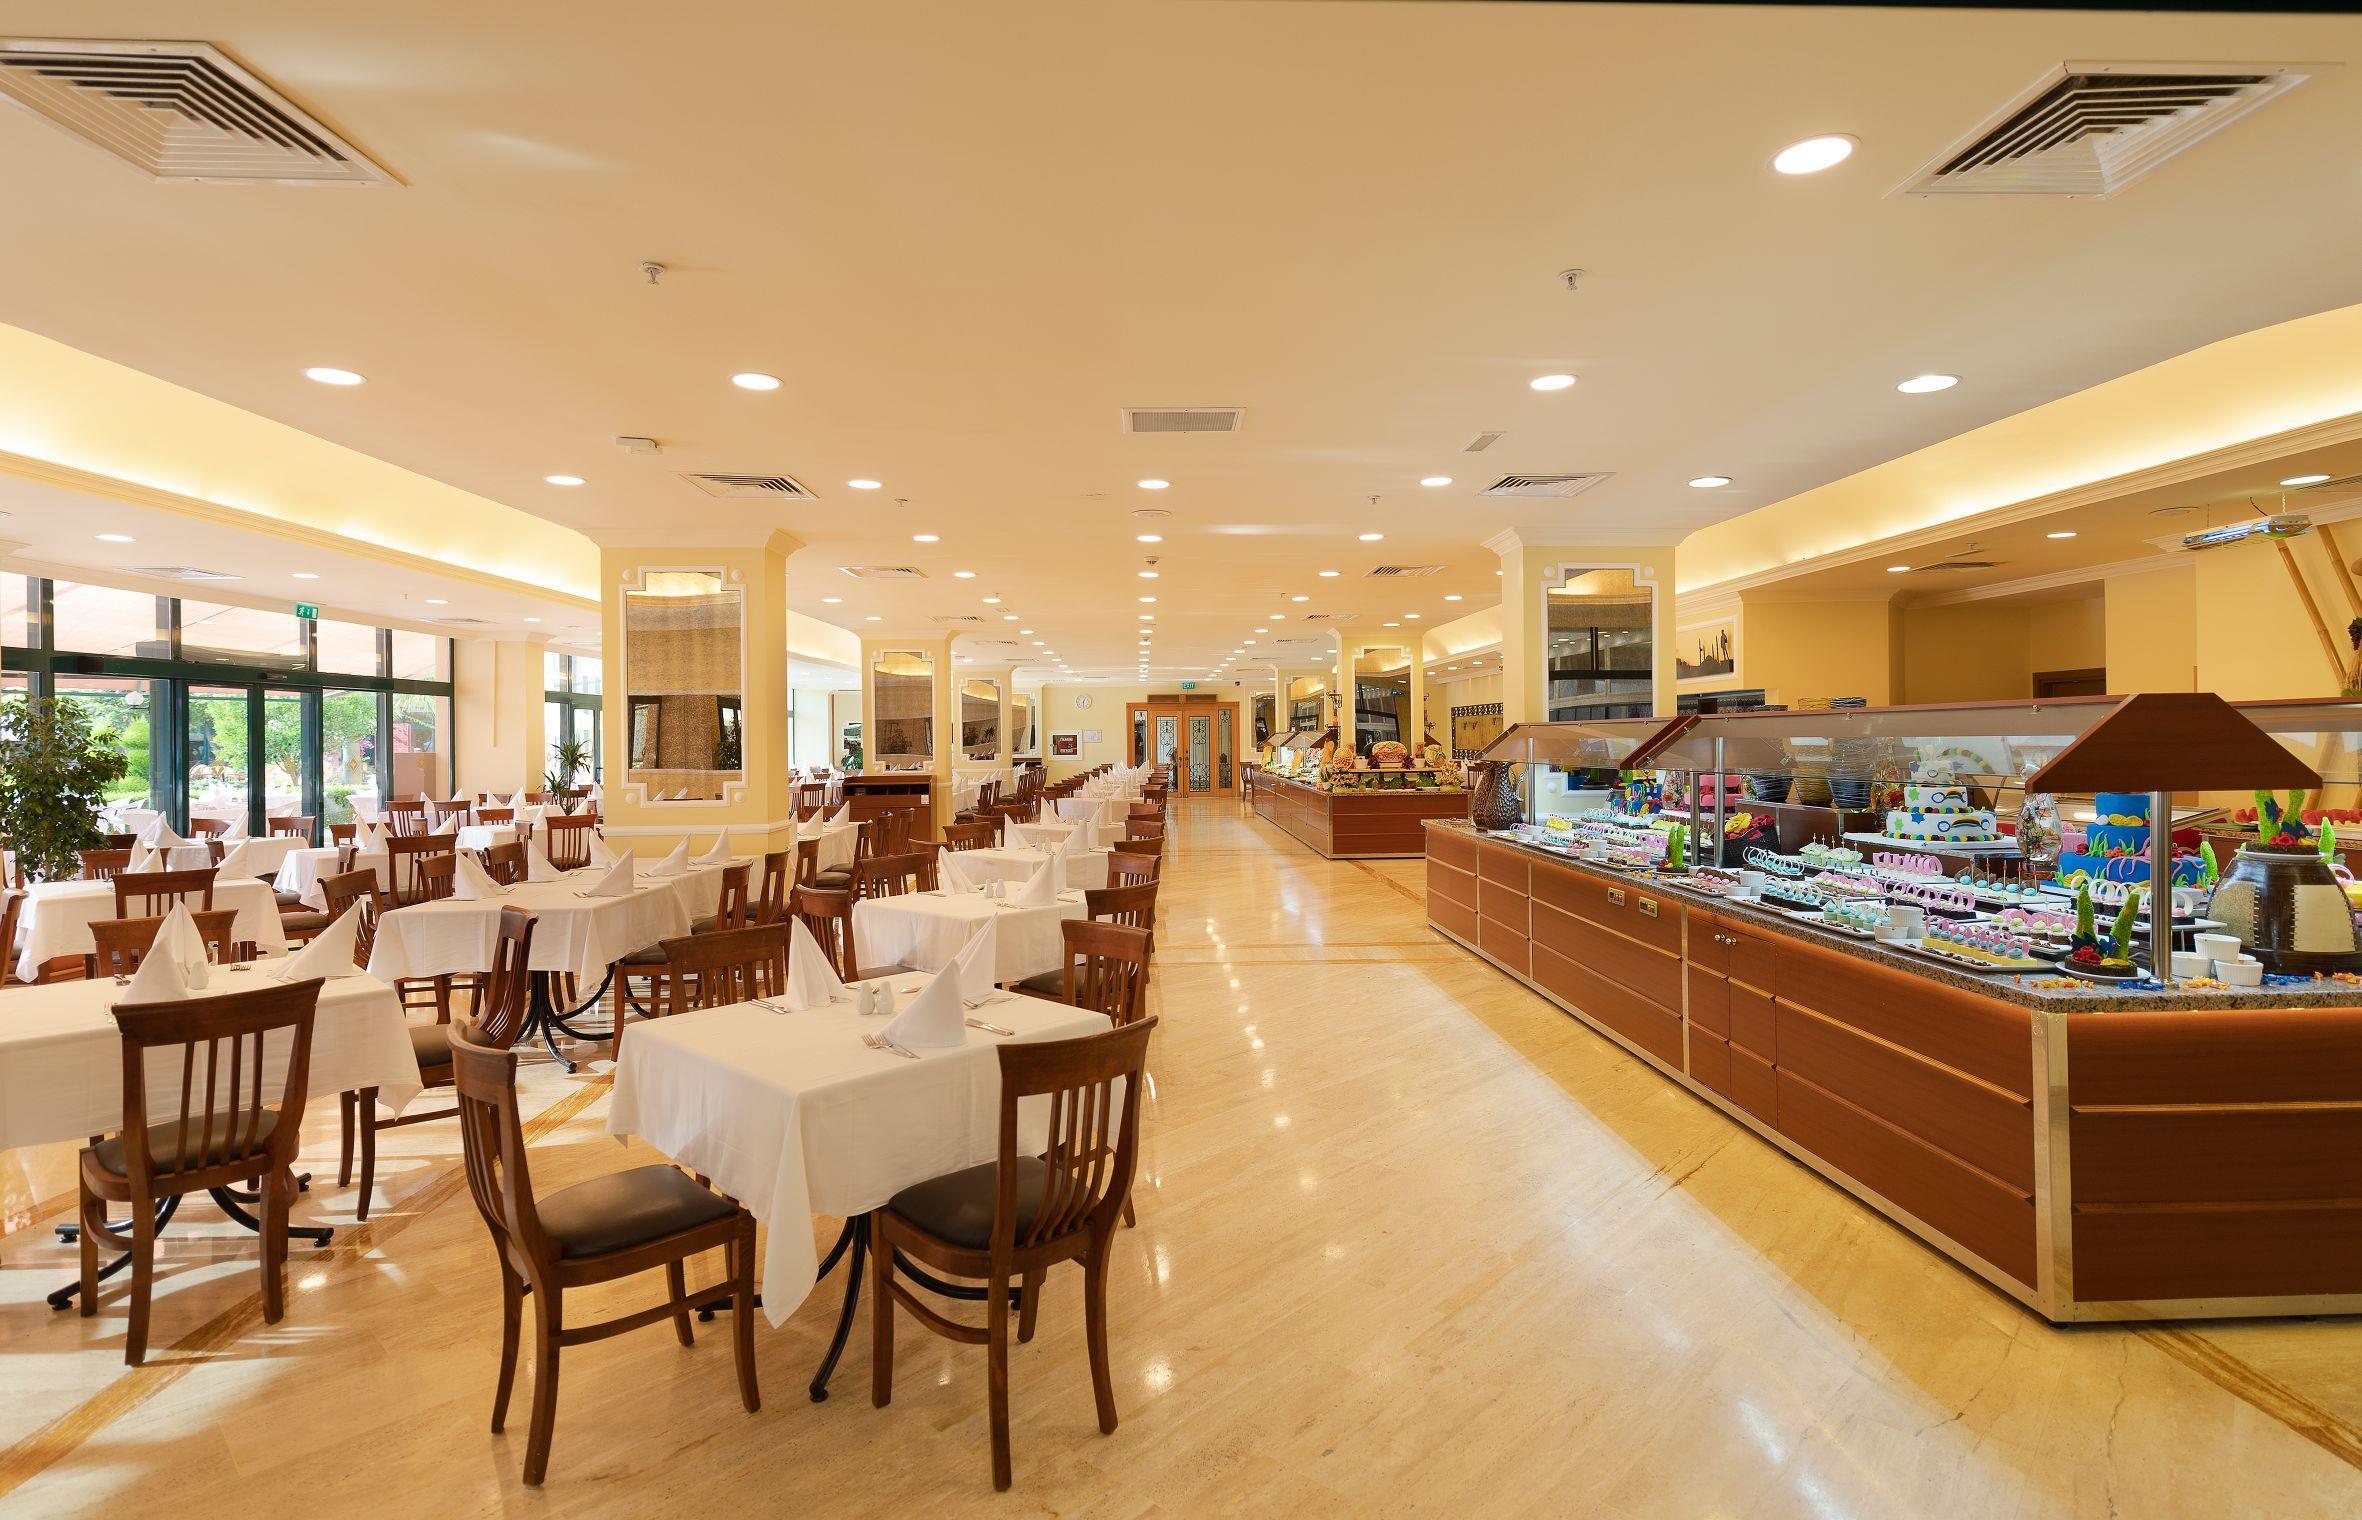 http://www.orextravel.sk/OREX/hotelphotos/miramare-queen-hotel-general-0083.jpg